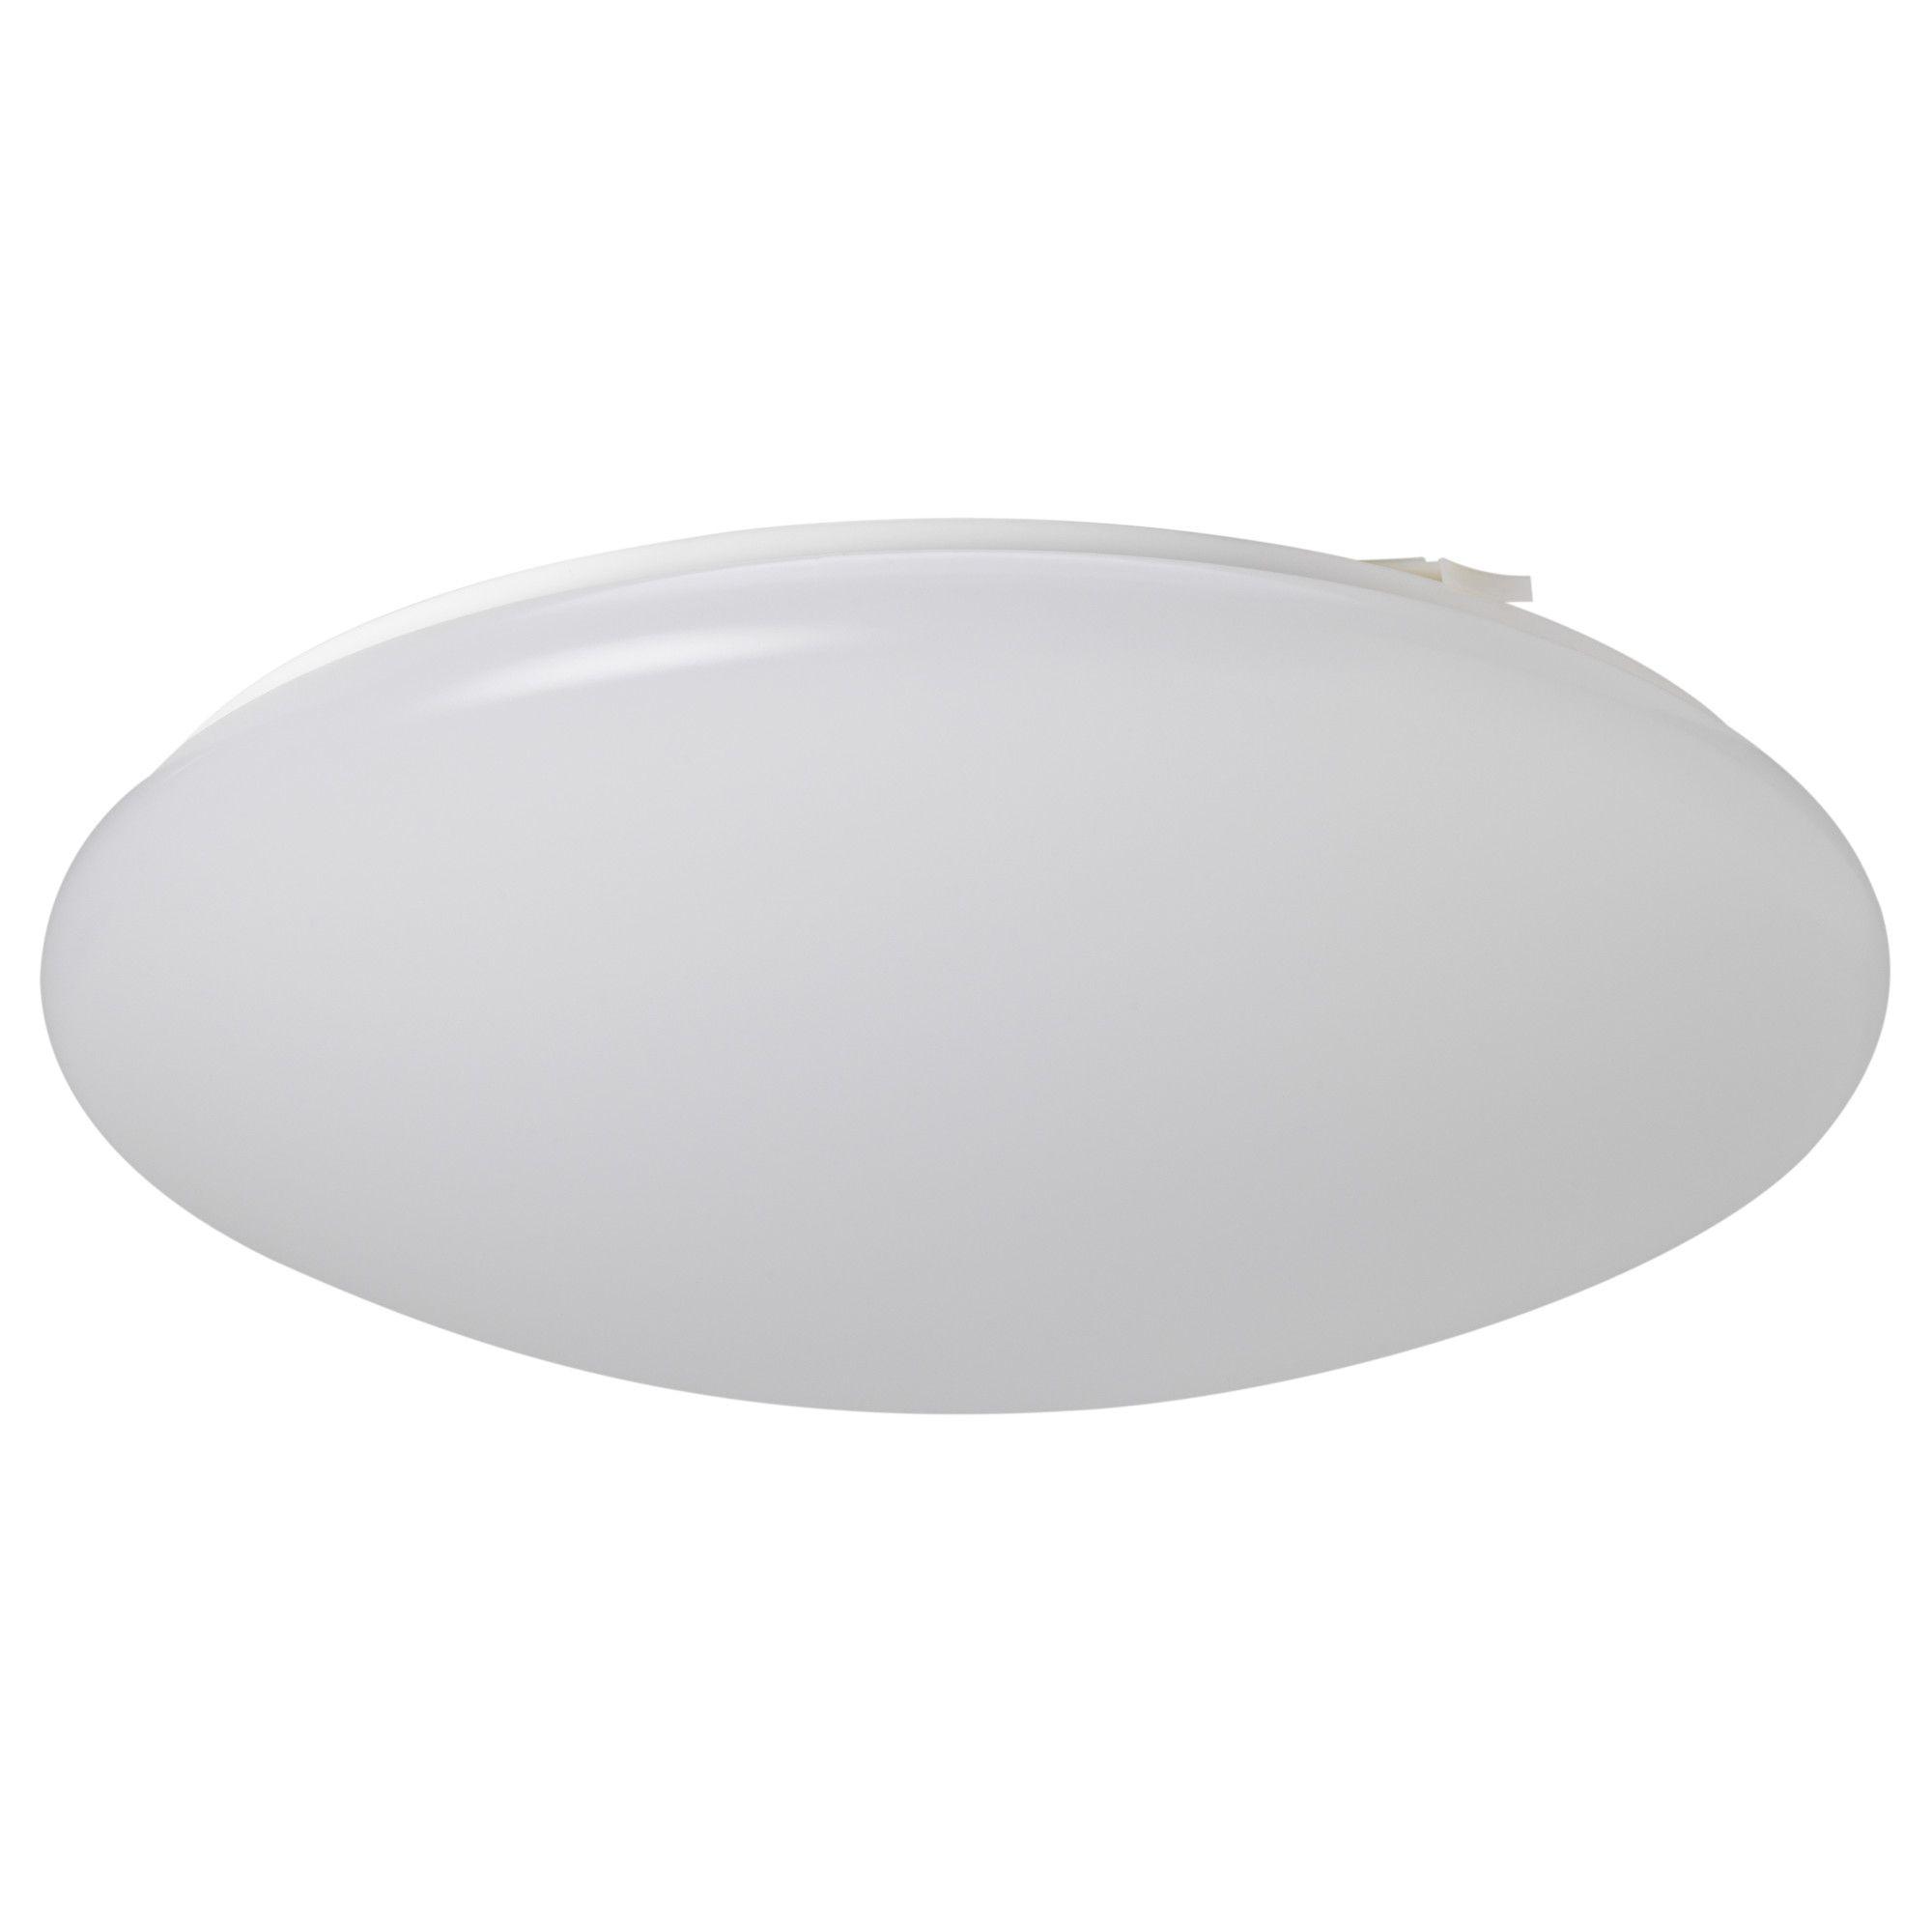 LEVANG Deckenleuchte LED rund weiß A Jetzt bestellen unter s